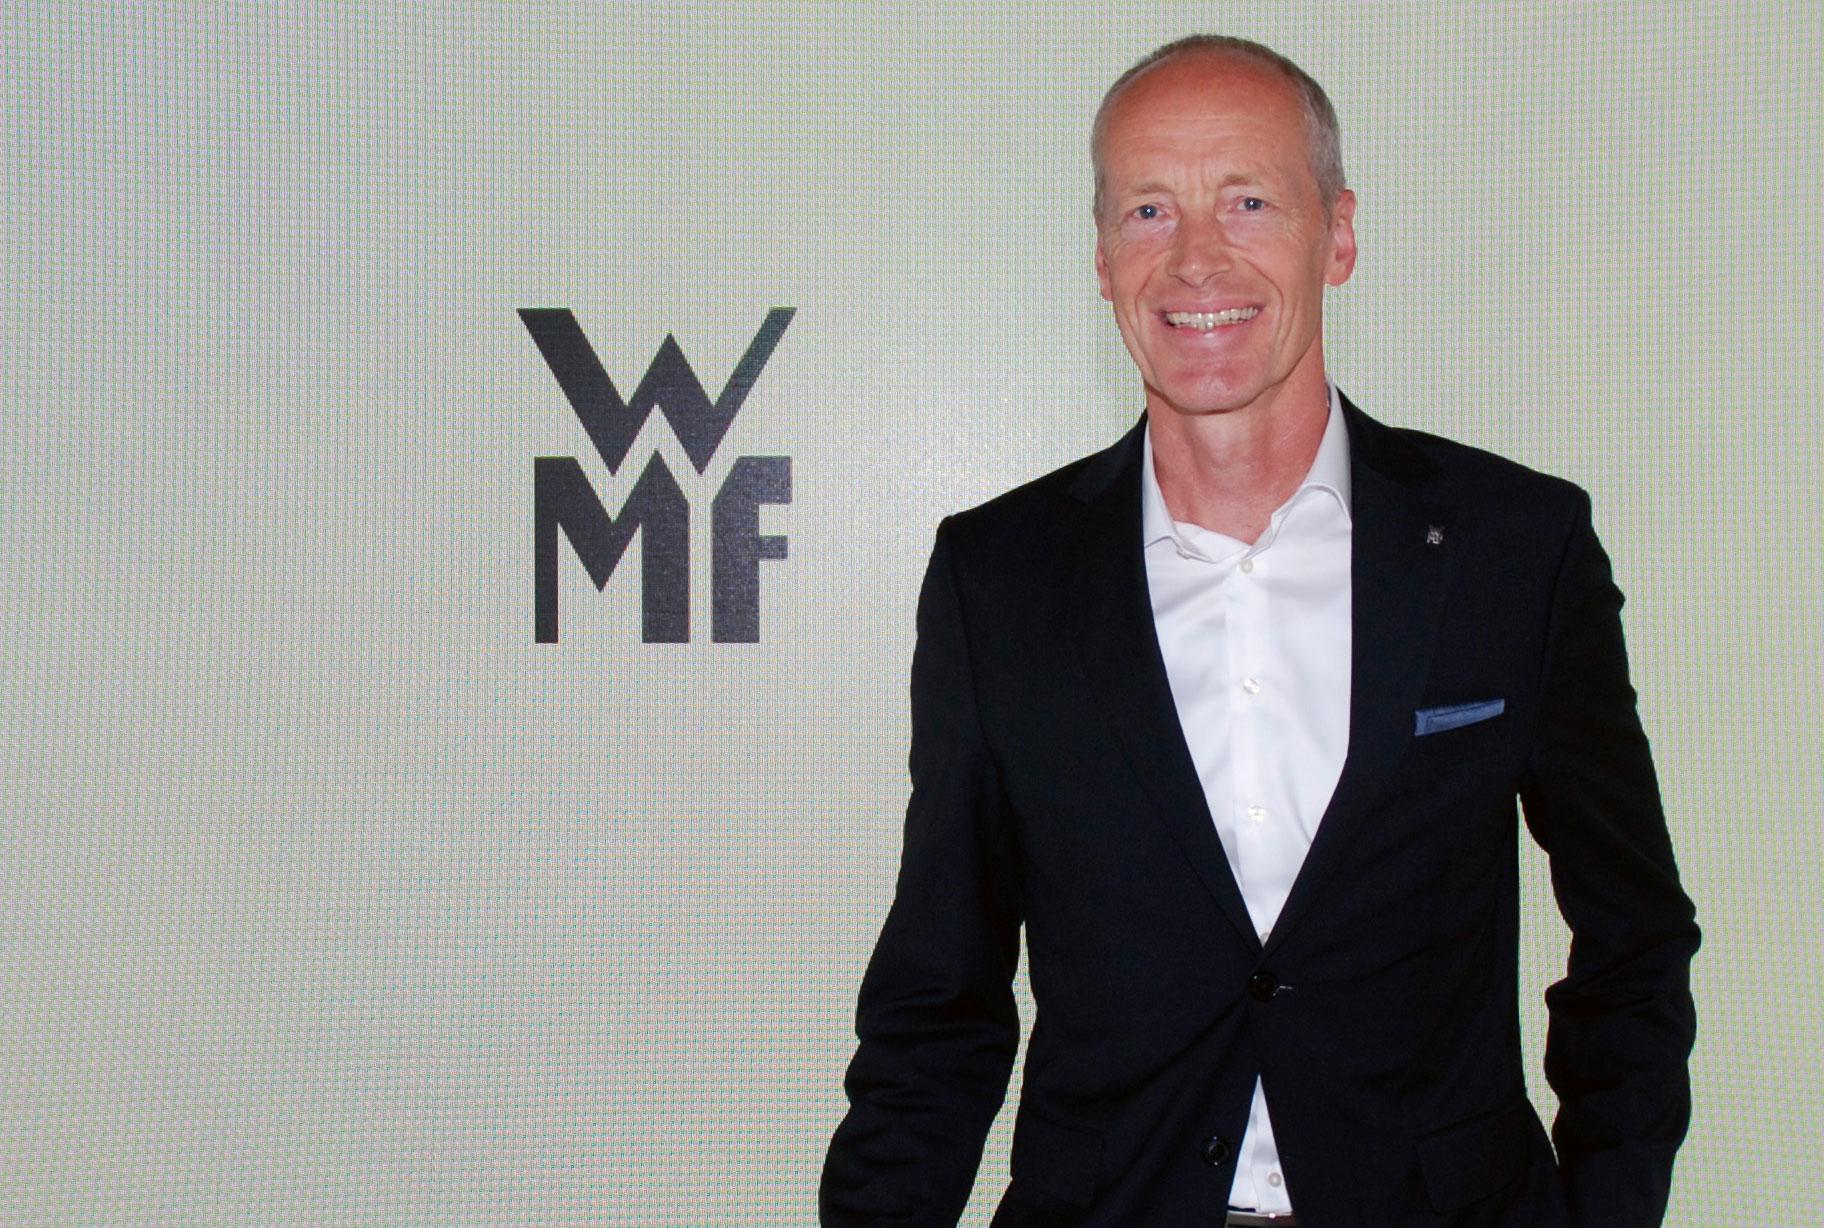 WMF Thomas Schäfer